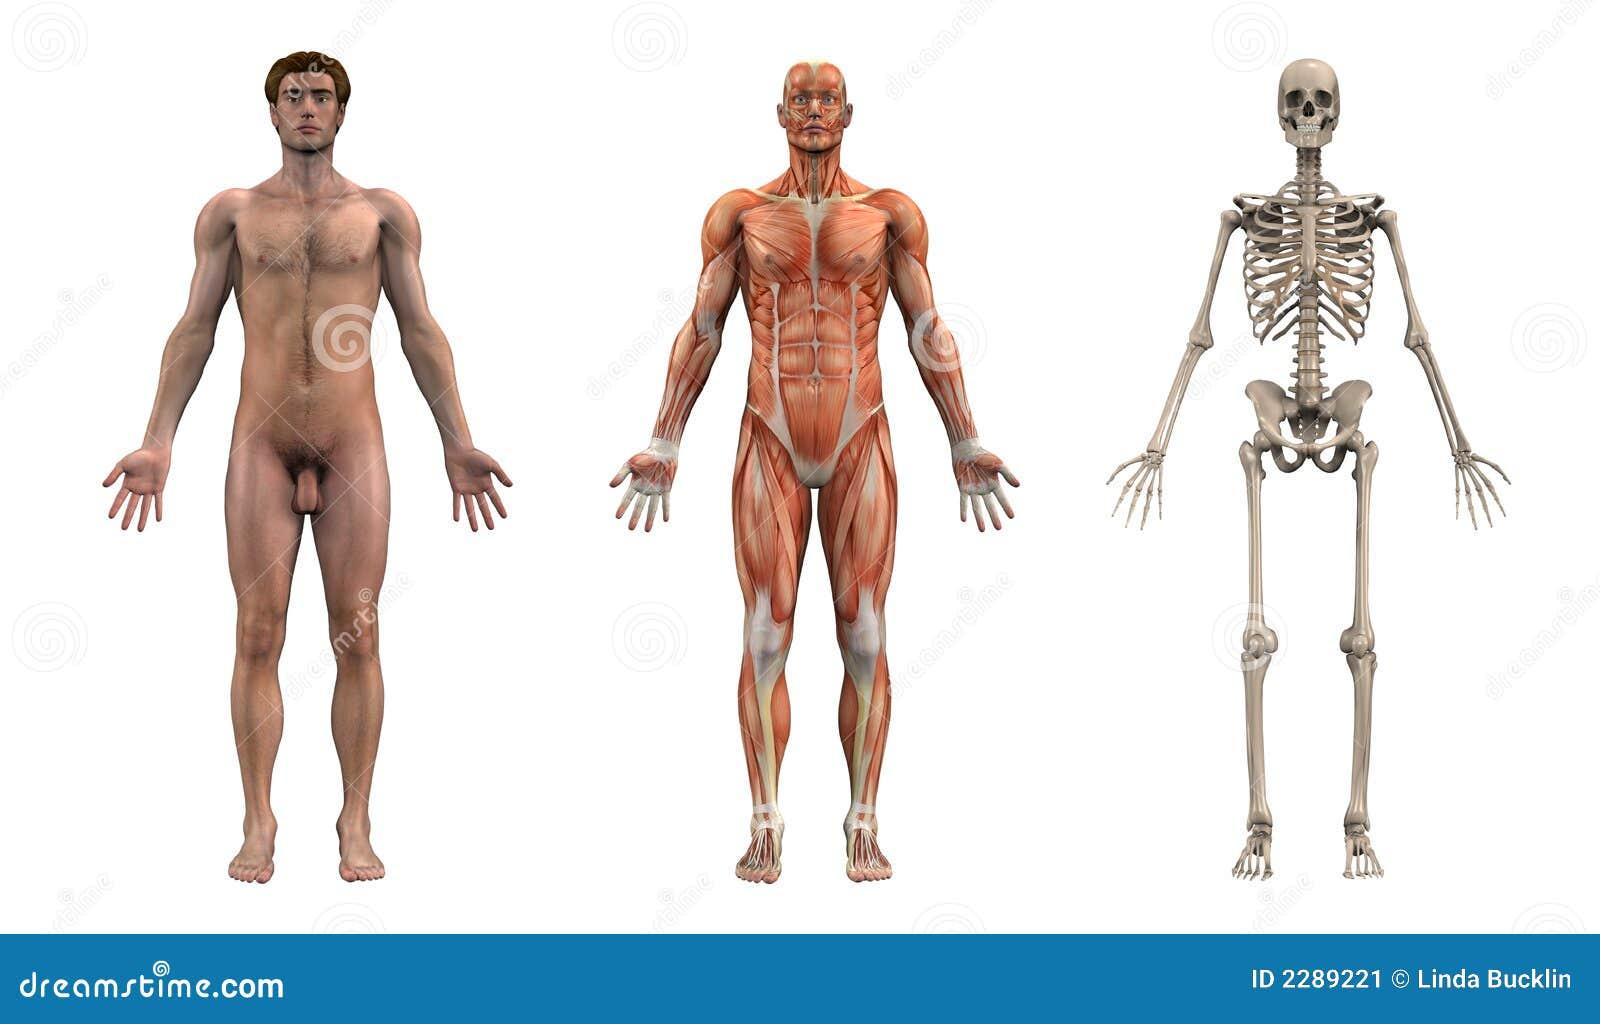 Abbildung - Männliche Anatomie Stock Abbildung - Illustration von ...